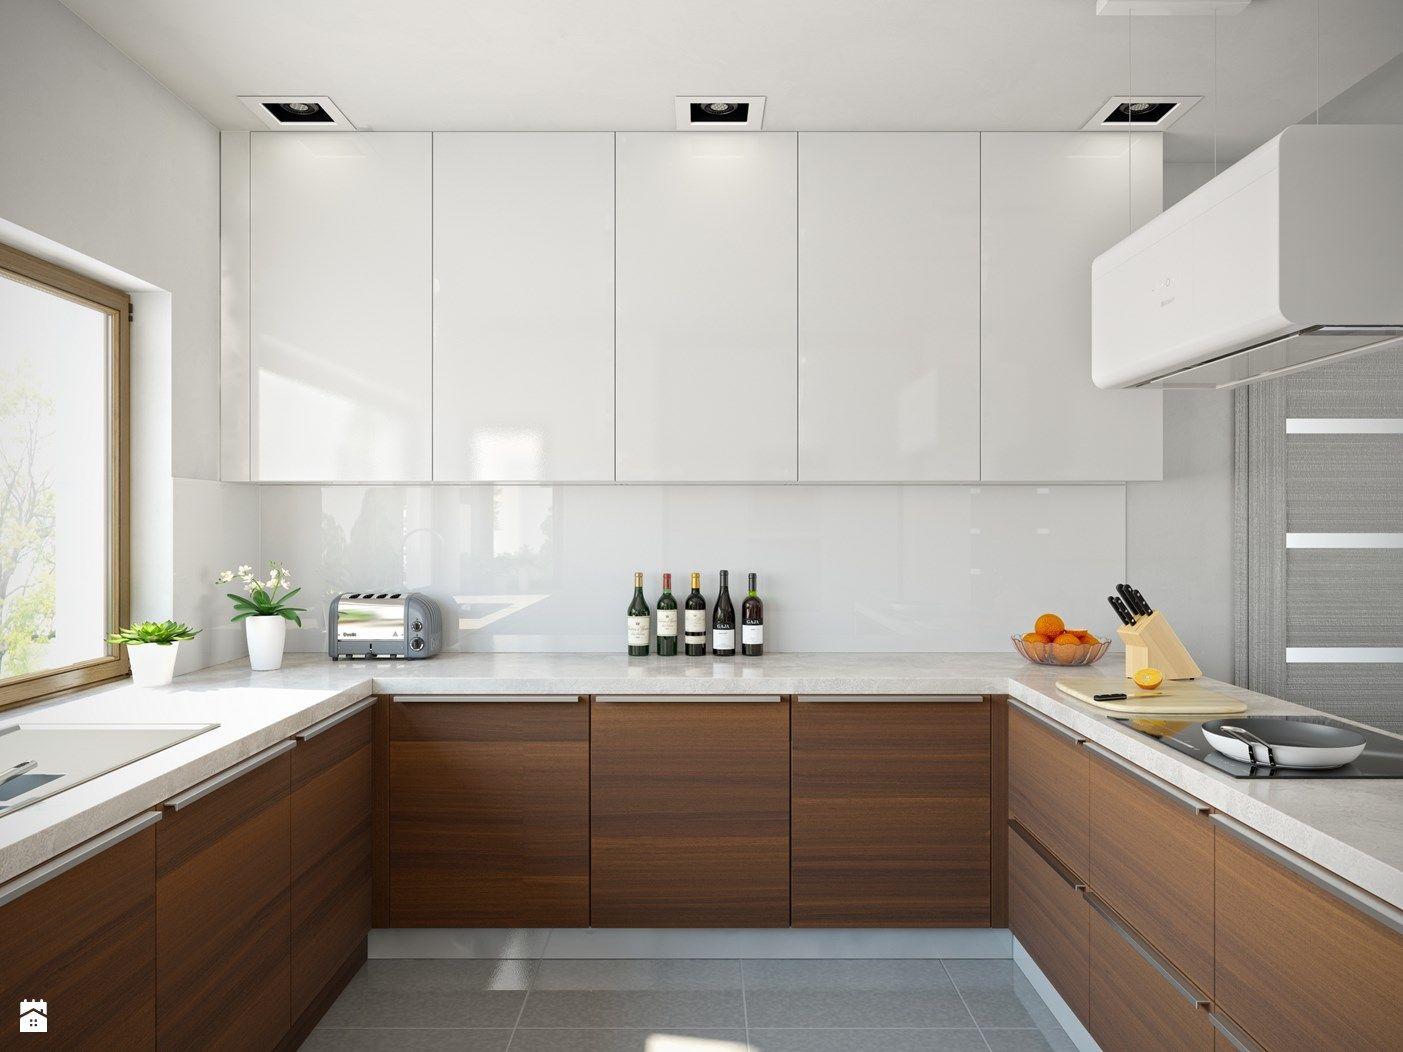 Wystroj Wnetrz Kuchnia Styl Minimalistyczny Projekty I Aranzacje Najlepszych Desig Cocinas De Casa Diseno De Interiores De Cocina Diseno Muebles De Cocina